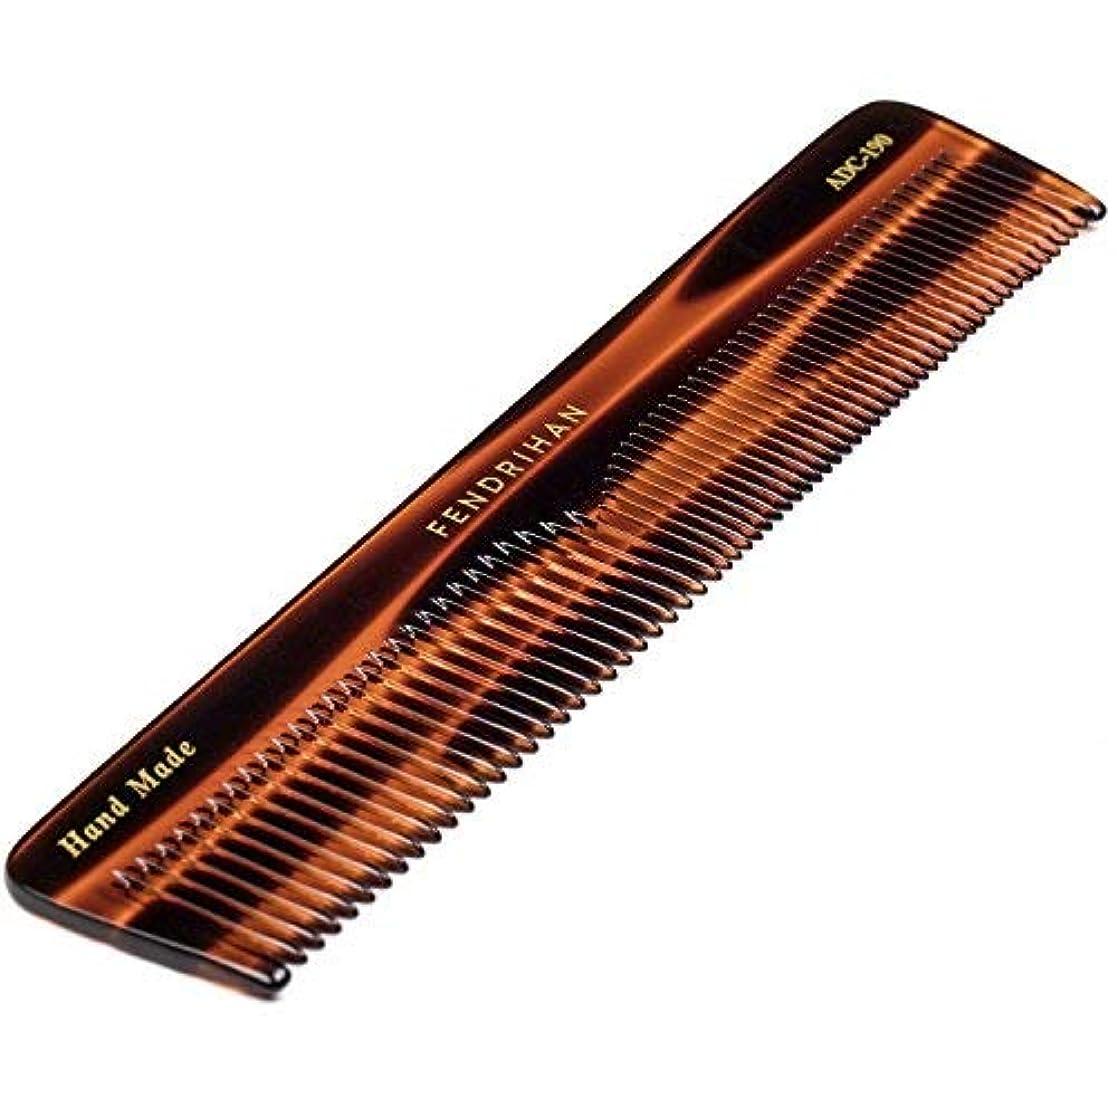 金属領収書知覚Fendrihan Hand Finished Large Double Tooth Comb for Men, Faux Tortoise (7.3 Inches) [並行輸入品]